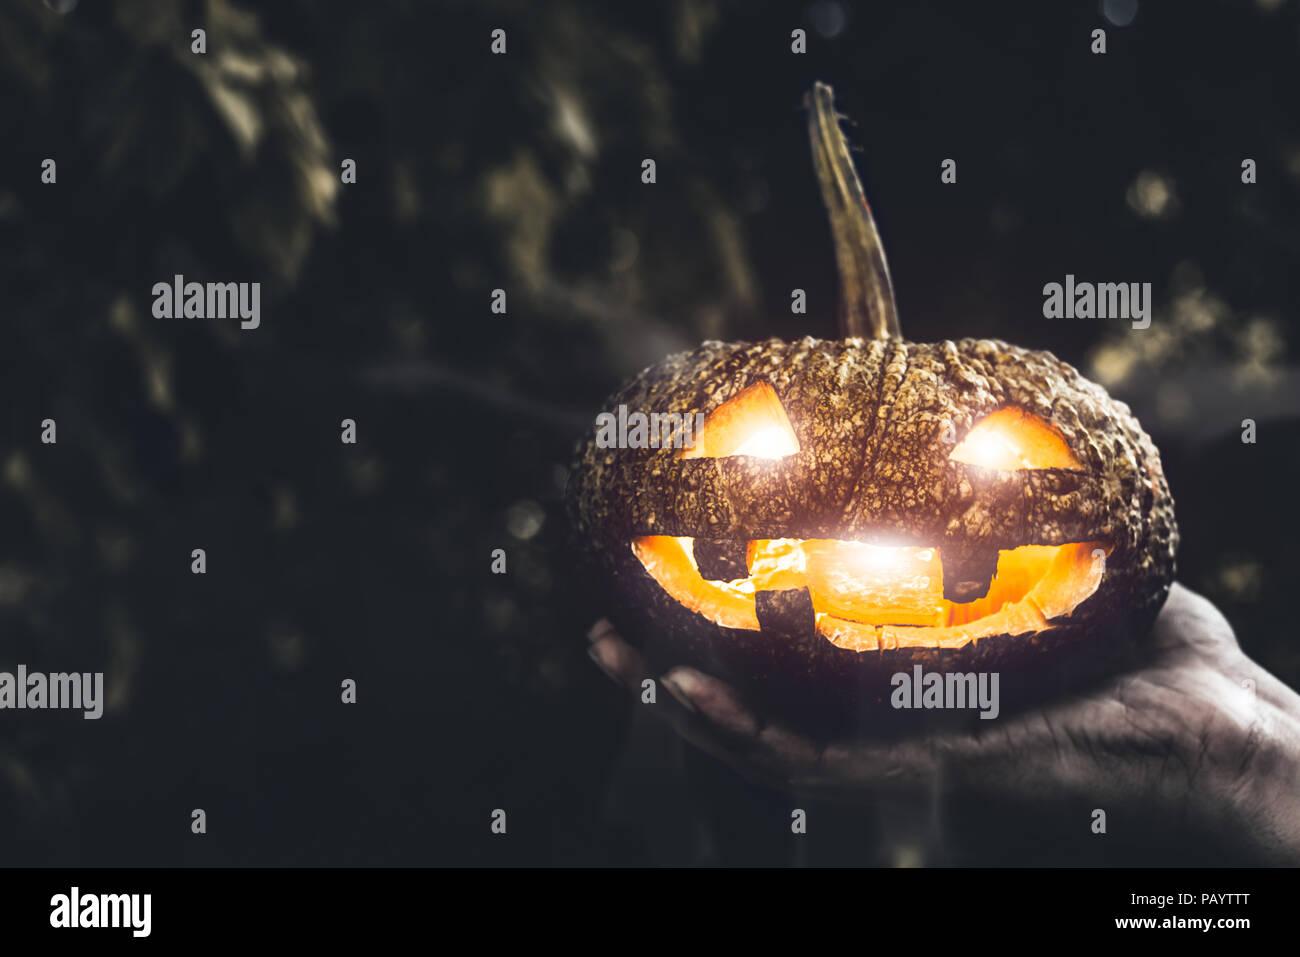 Zucca di Halloween in mano, le ferie e il concetto di religione. Ghost in tema di zucca. La stregoneria e mistero e magia del tema. Immagini Stock